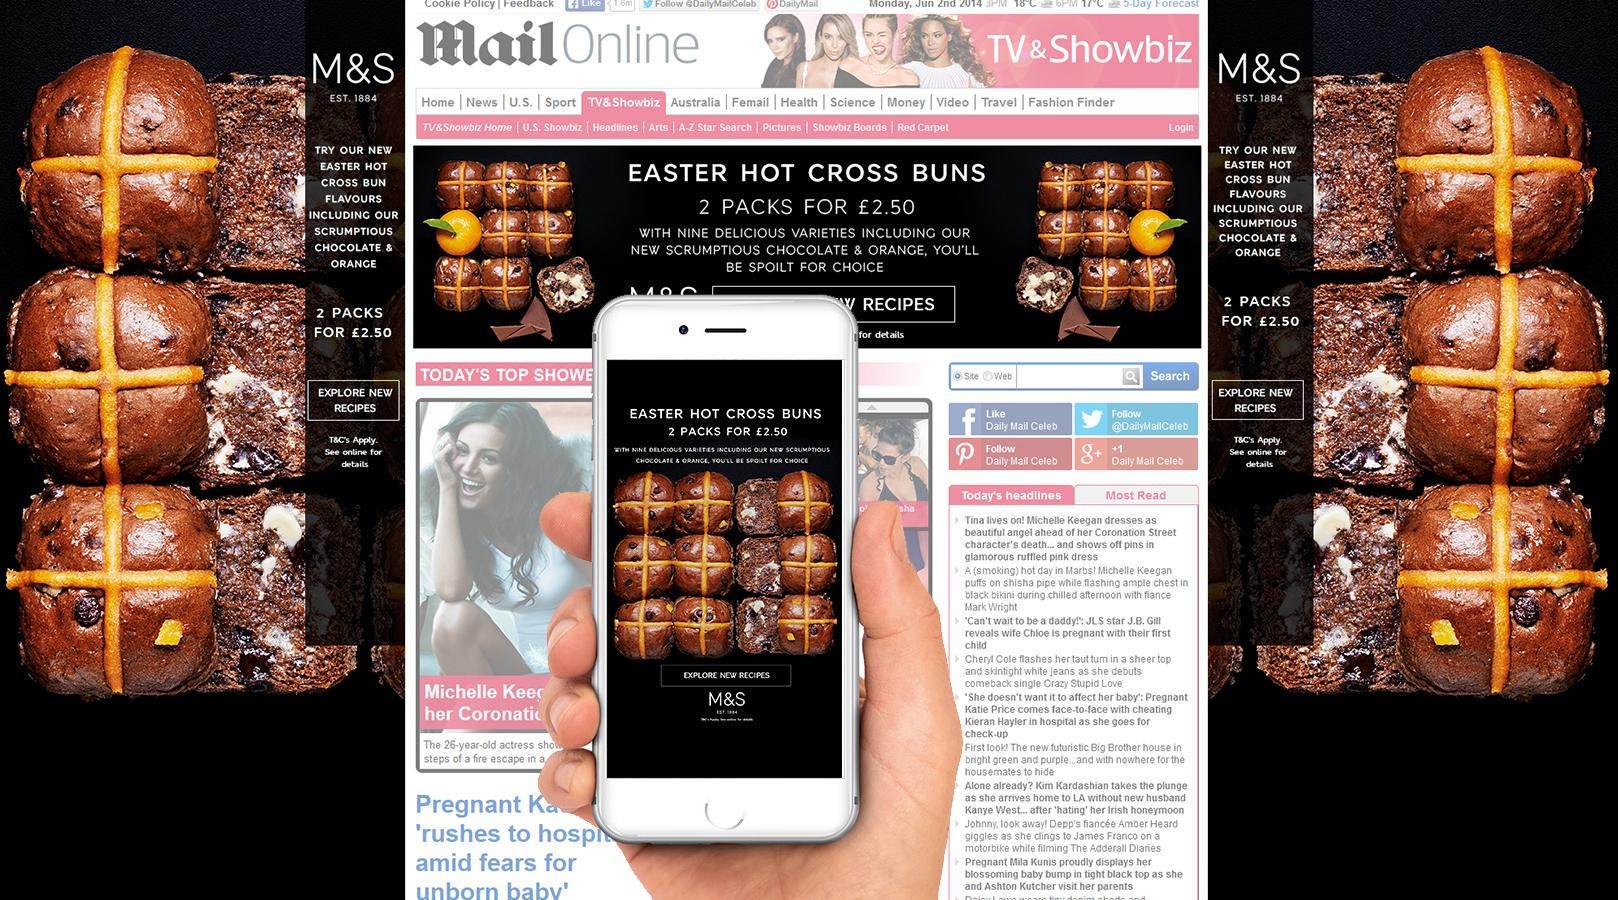 M&S Food – Desktop, Mobile Skins and Billboard